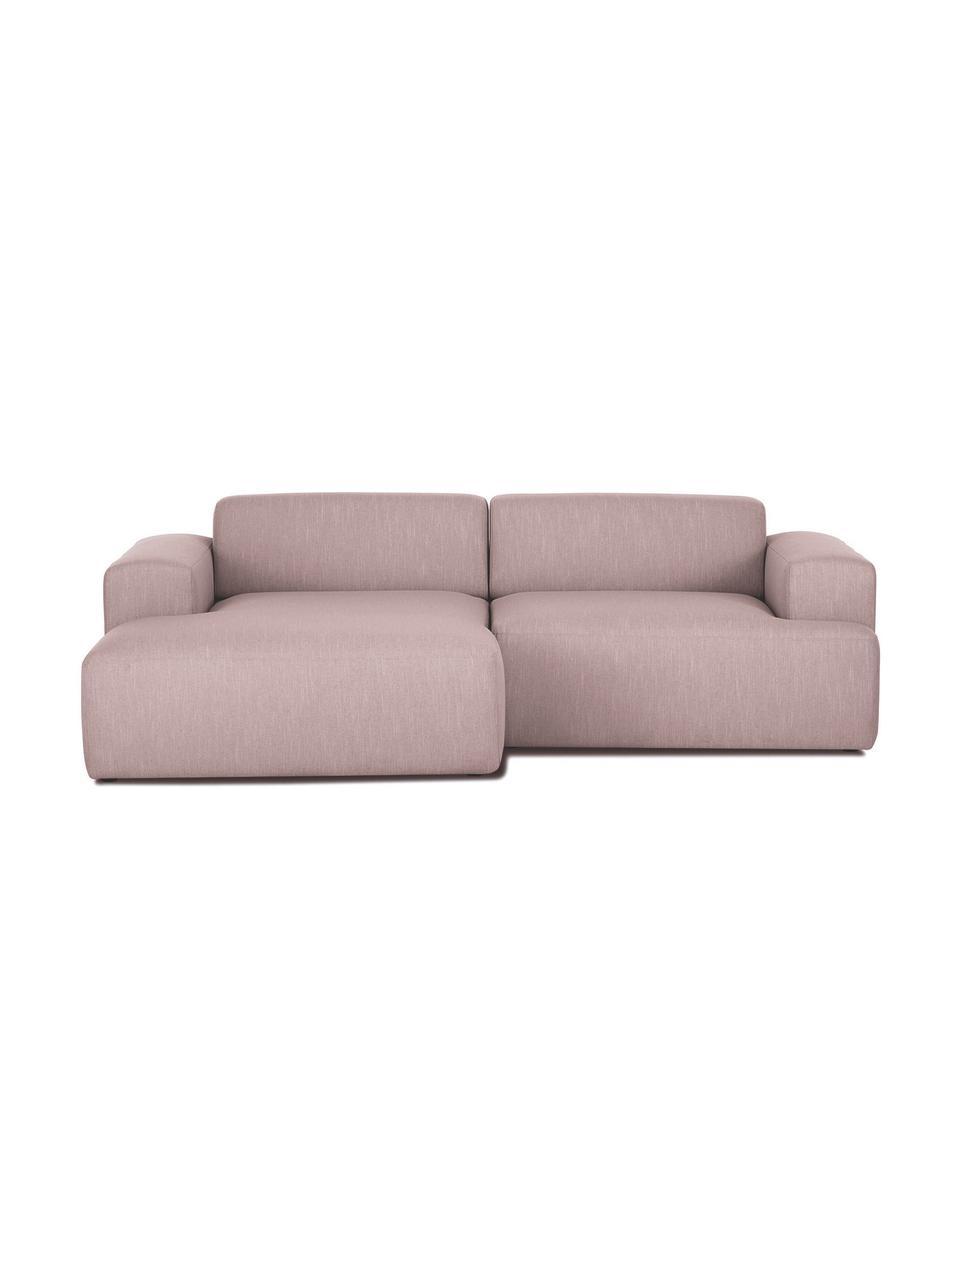 Sofa narożna Melva (3-osobowa), Tapicerka: poliester Dzięki tkaninie, Nogi: drewno sosnowe Nogi znajd, Blady różowy, S 240 x G 144 cm